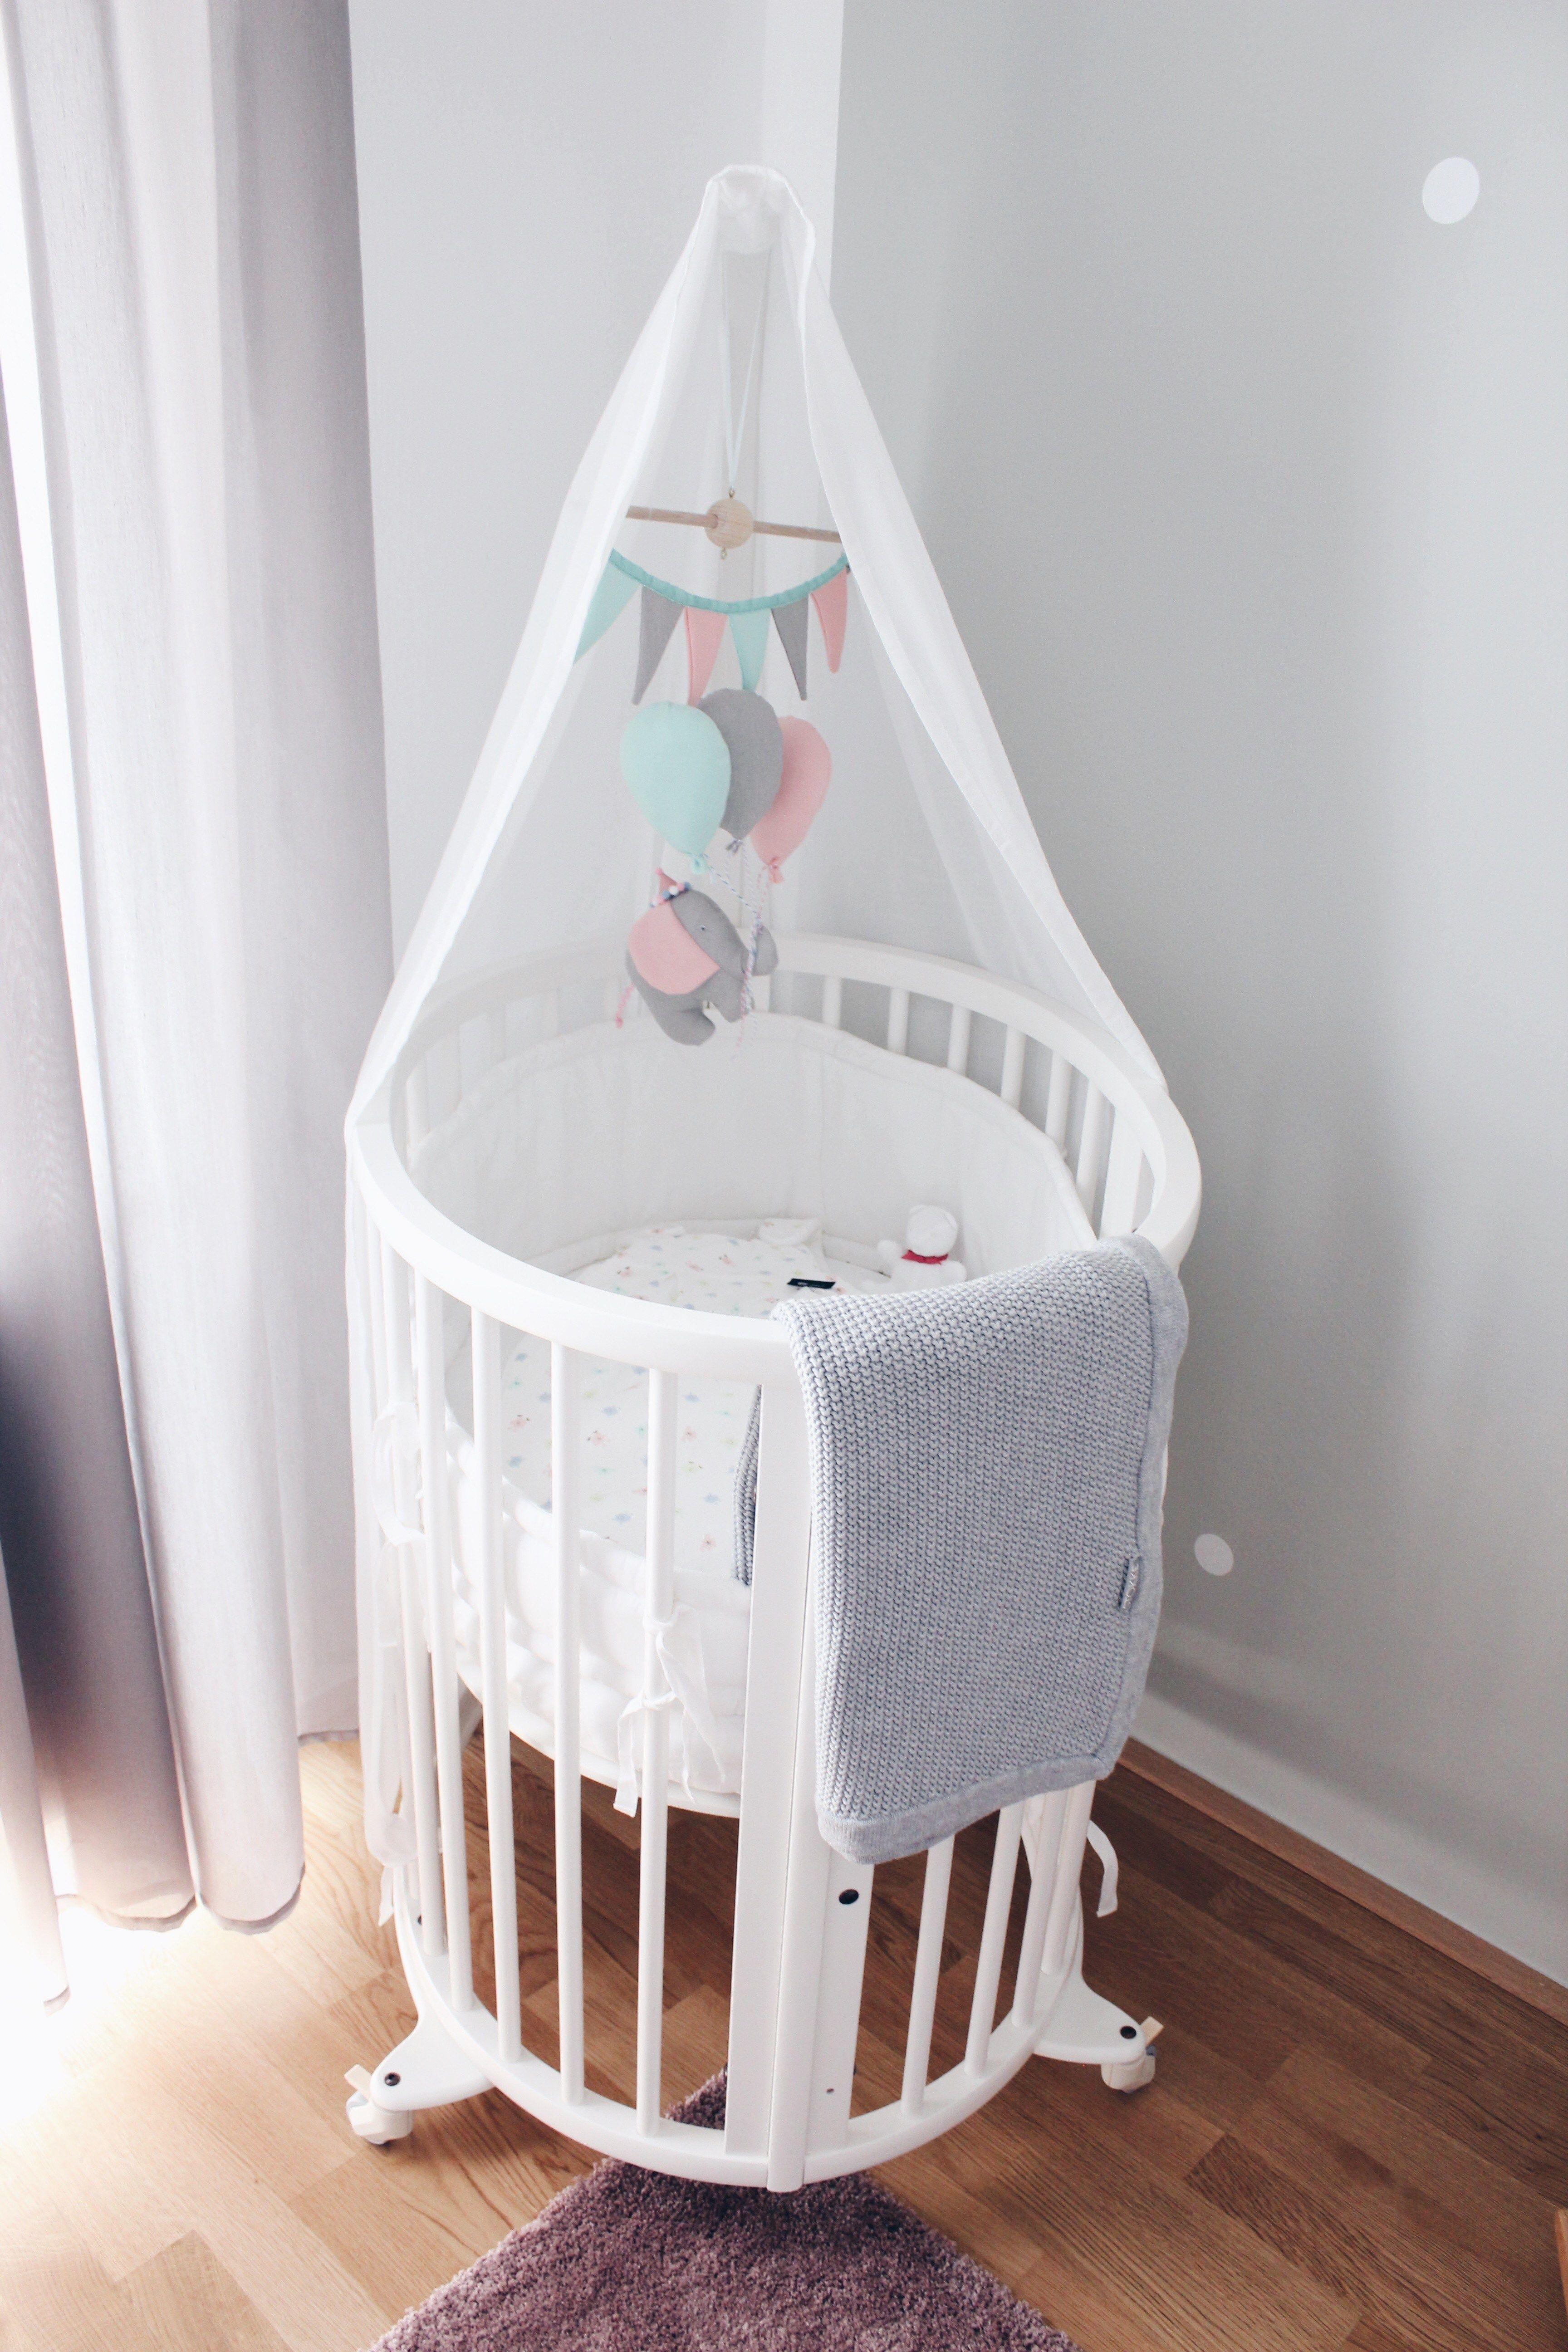 My baby babyzimmer perfect babyzimmer set weiss grau babymobel gunstig julia von my baby lou - Babyzimmer michi ...